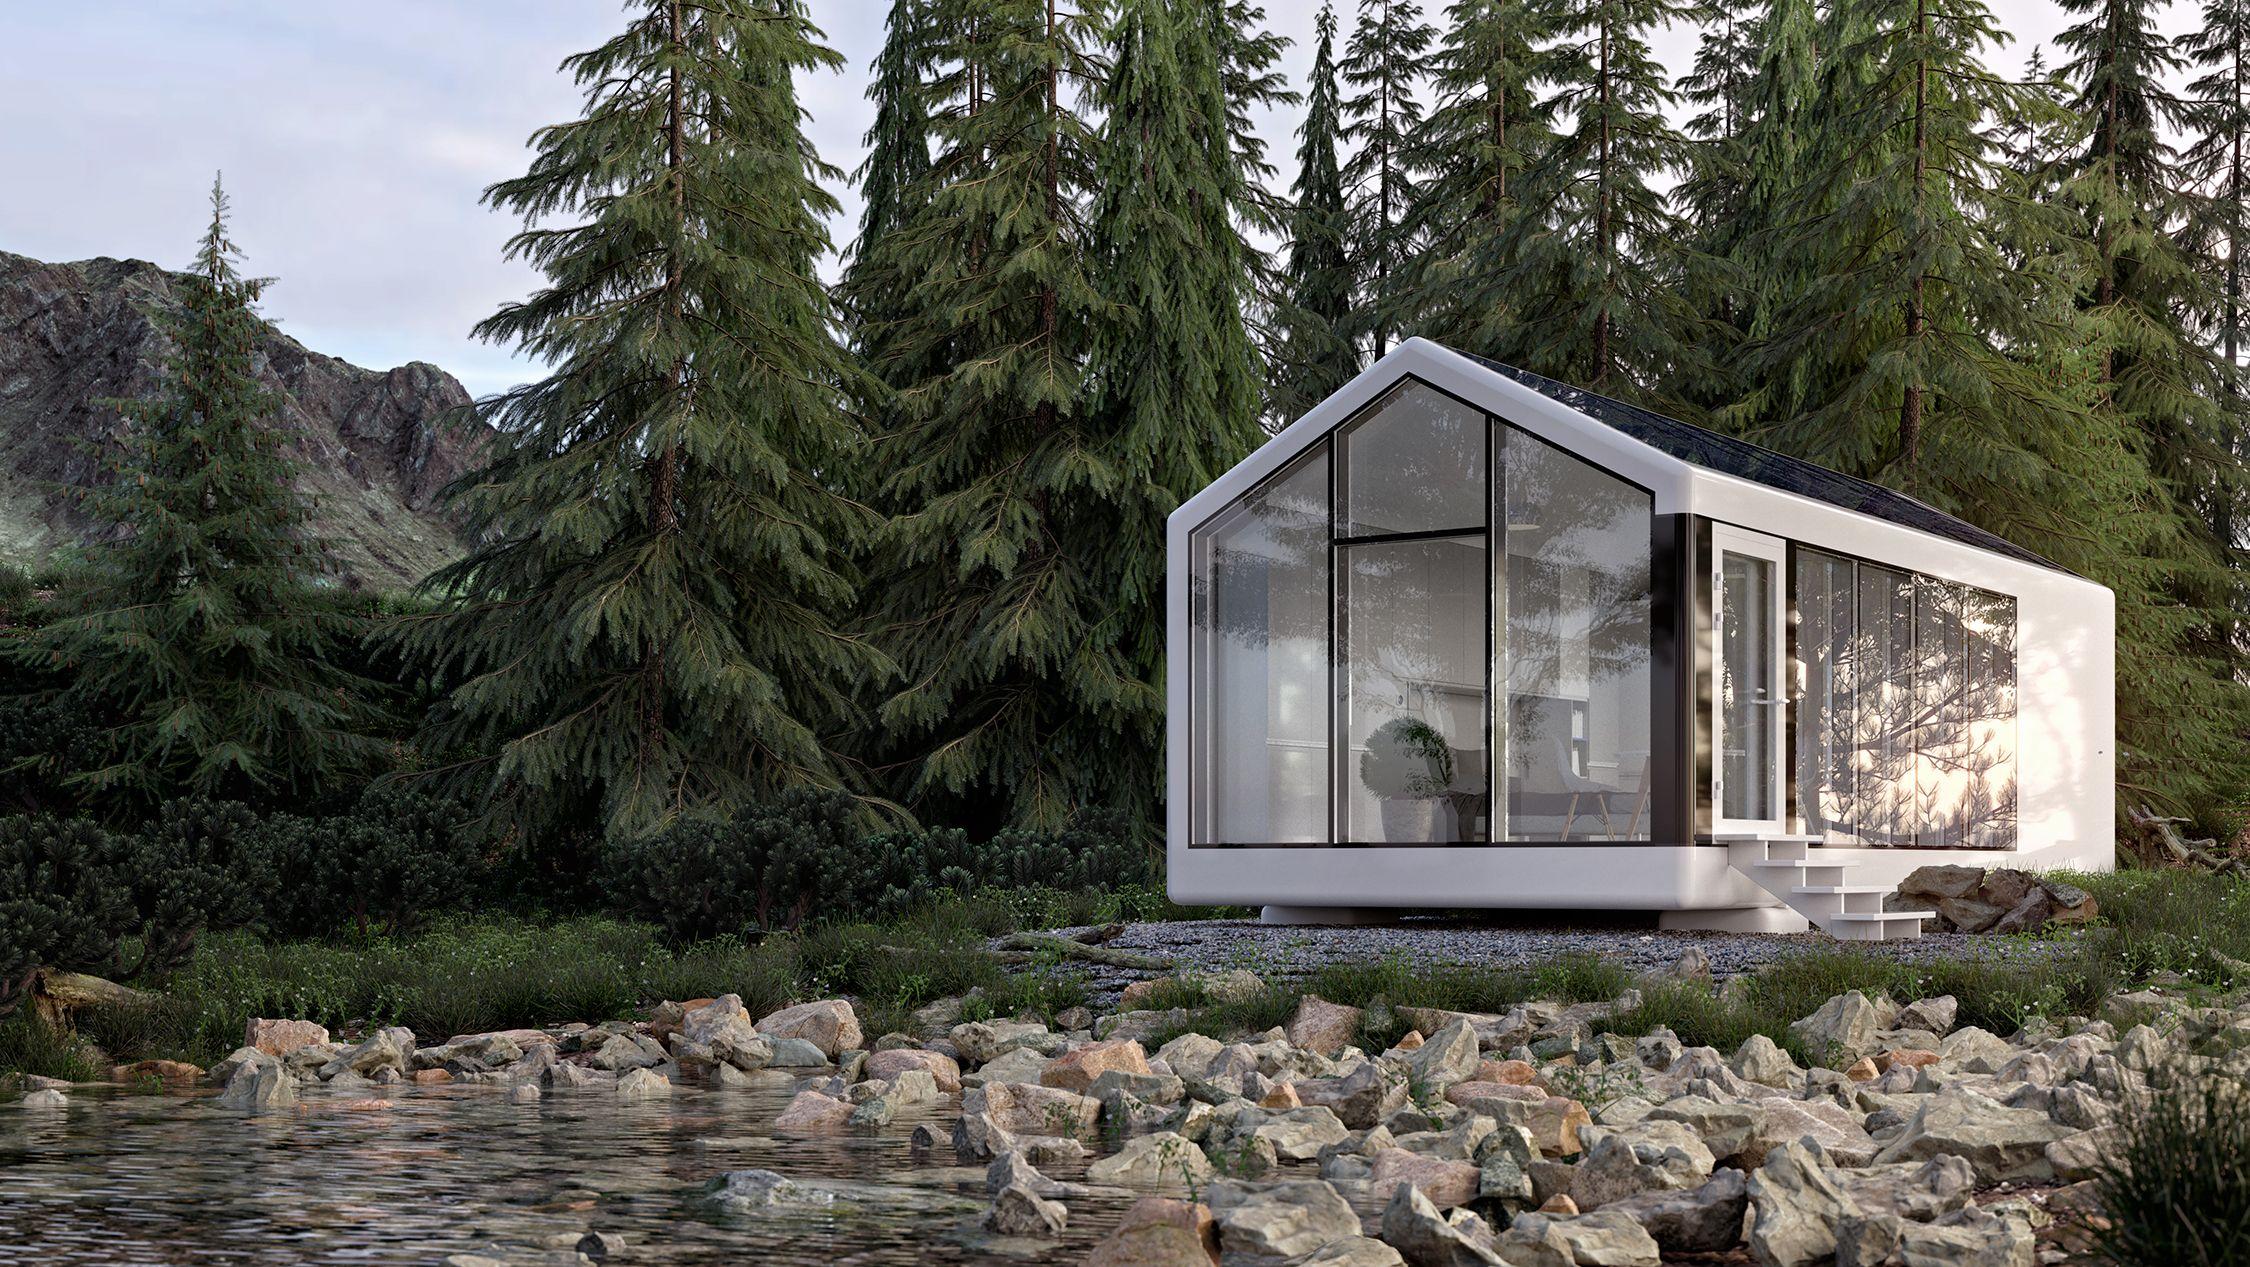 Modelli Di Case Da Costruire le case prefabbricate ed ecologiche di house